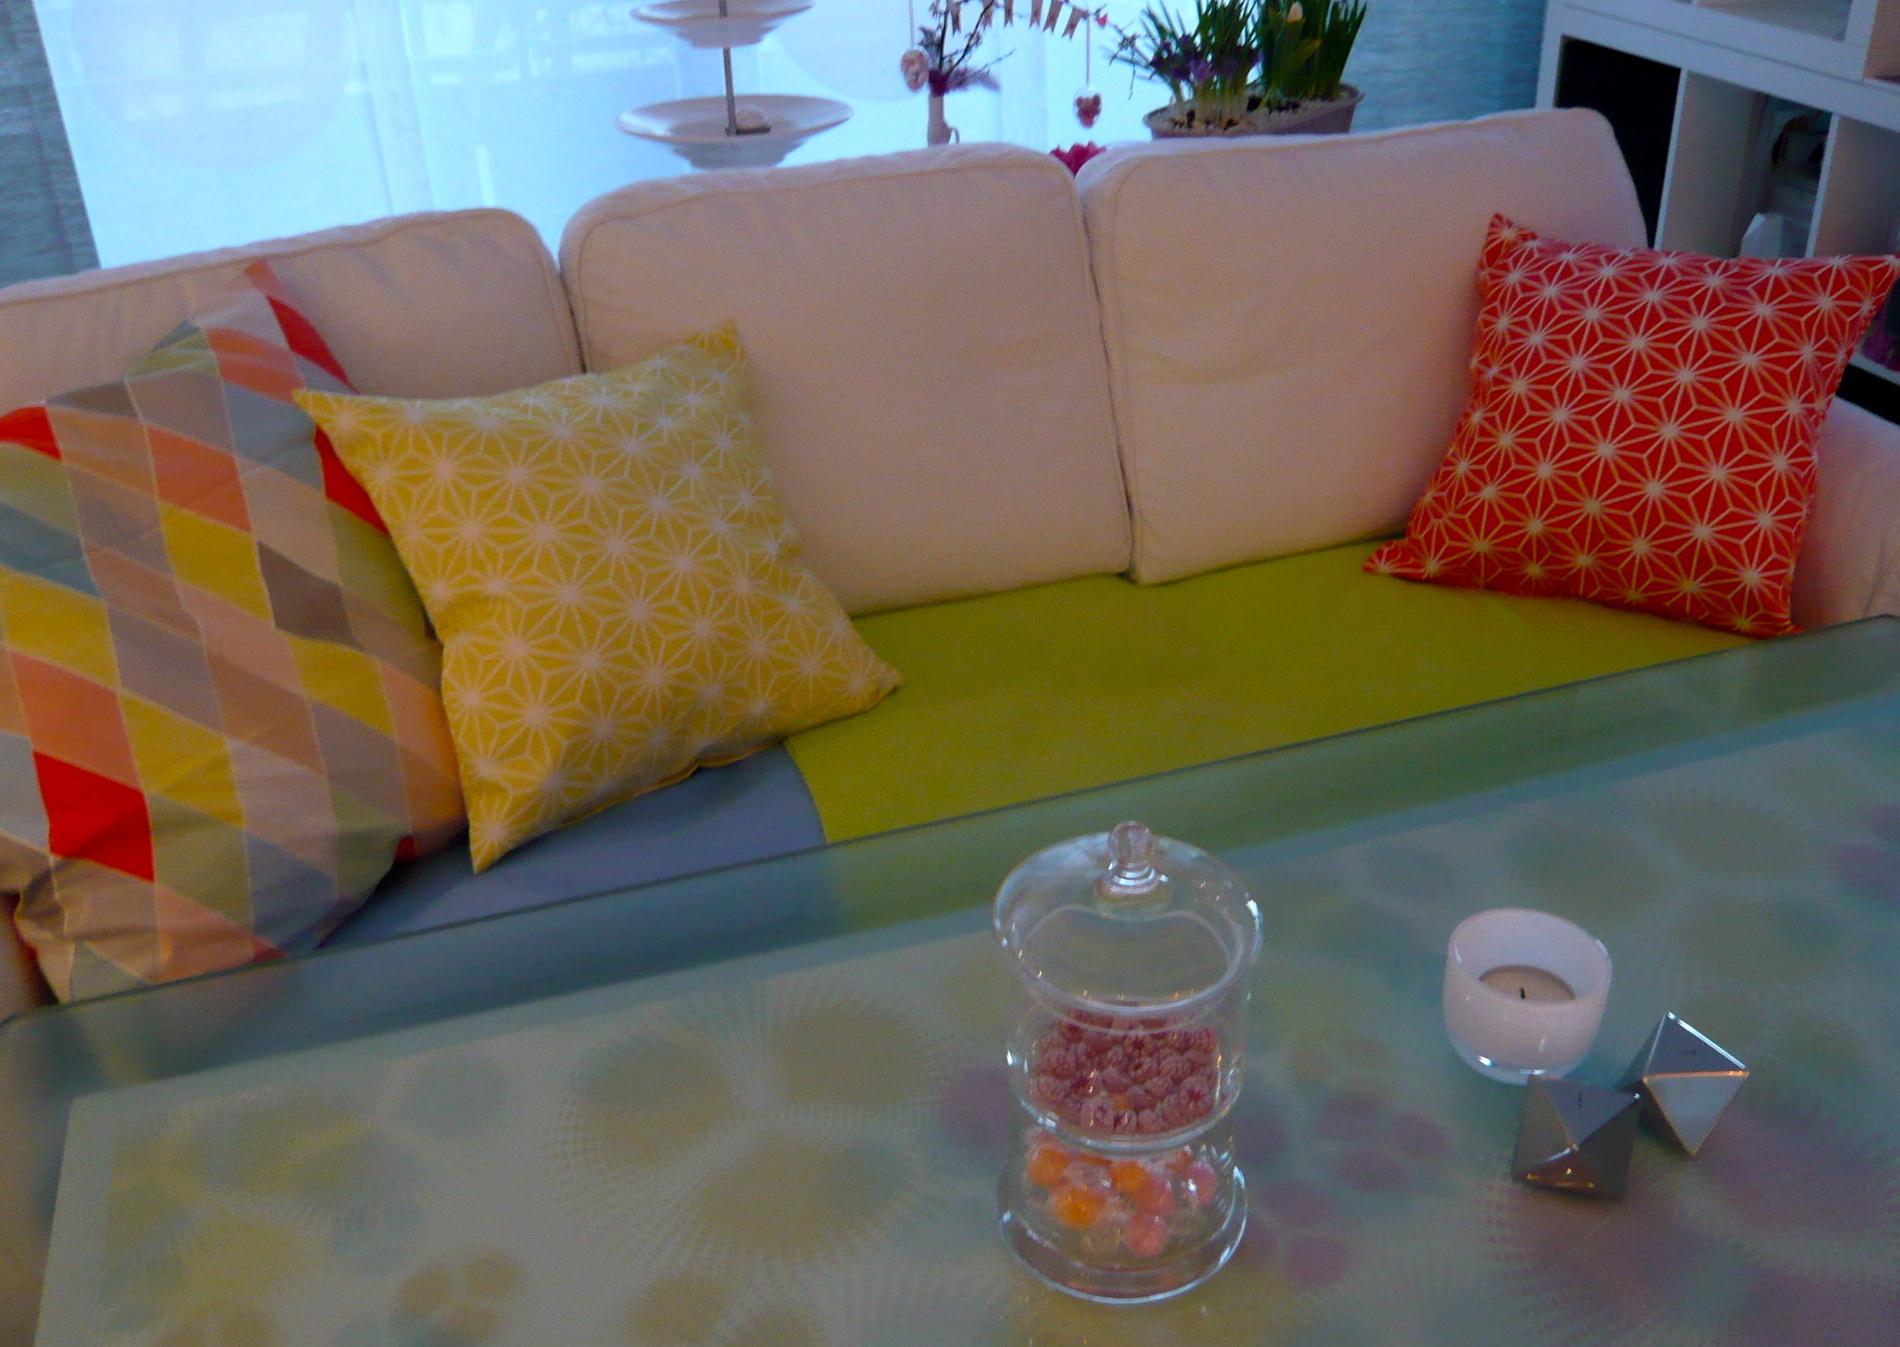 tapete wellt sich elegant tapete wellt sich with tapete wellt sich cool schimmel an der tapete. Black Bedroom Furniture Sets. Home Design Ideas